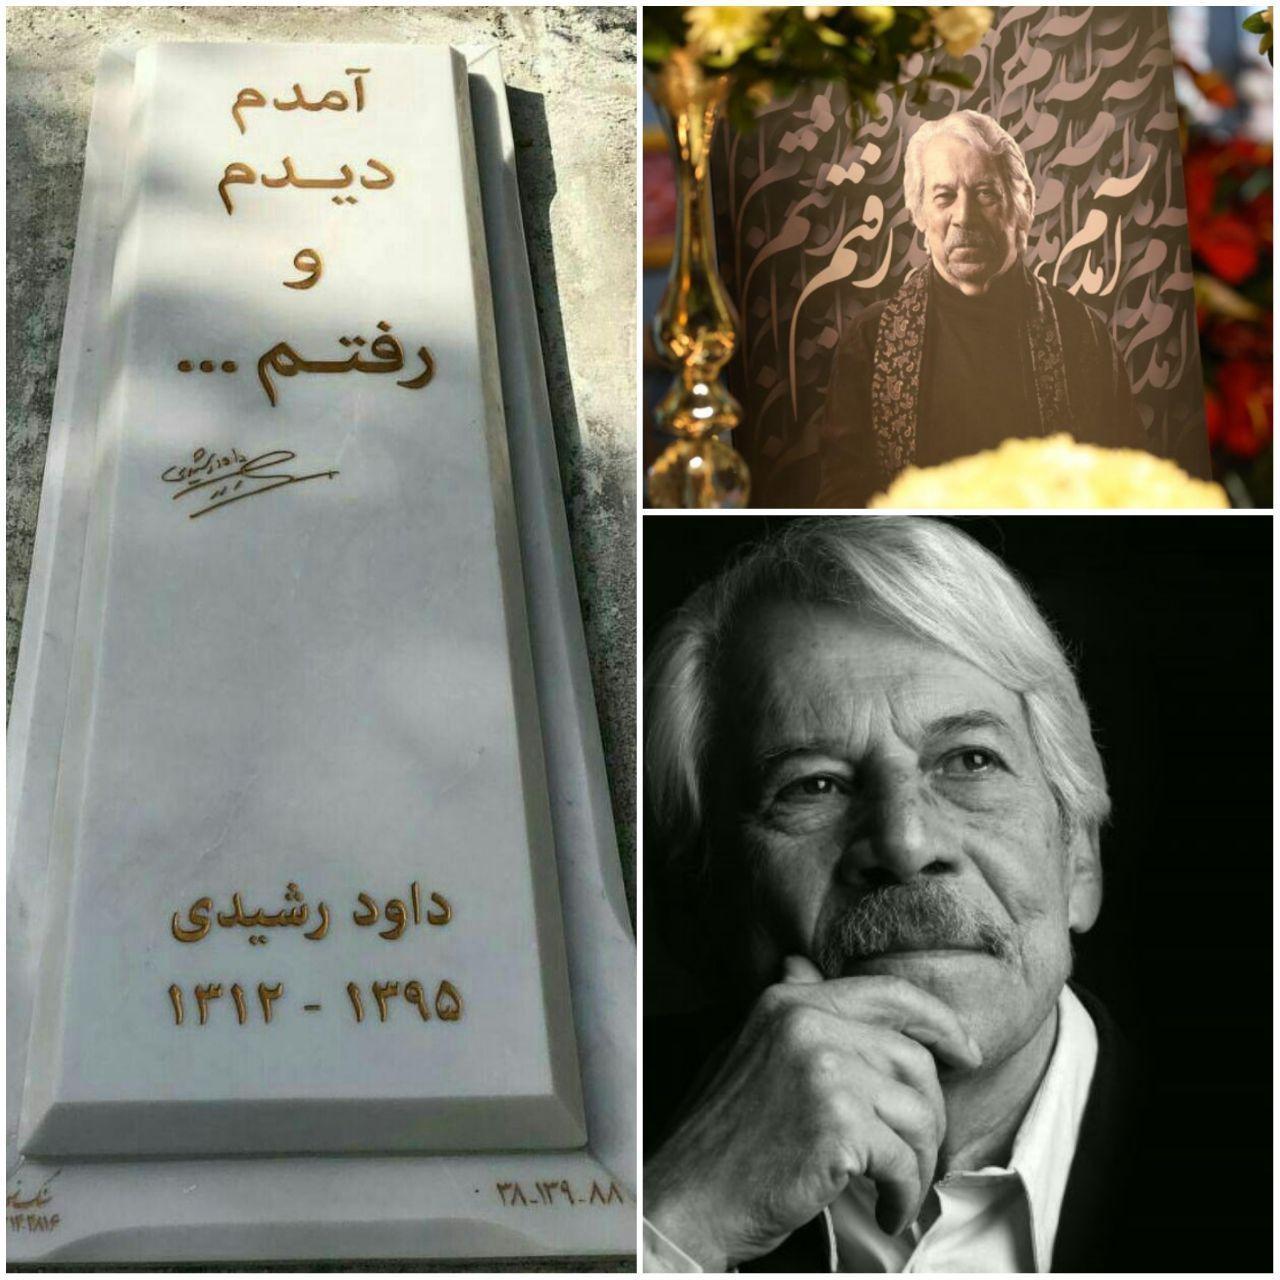 نوشته جالب روی سنگ قبر داوود رشیدی + عکس